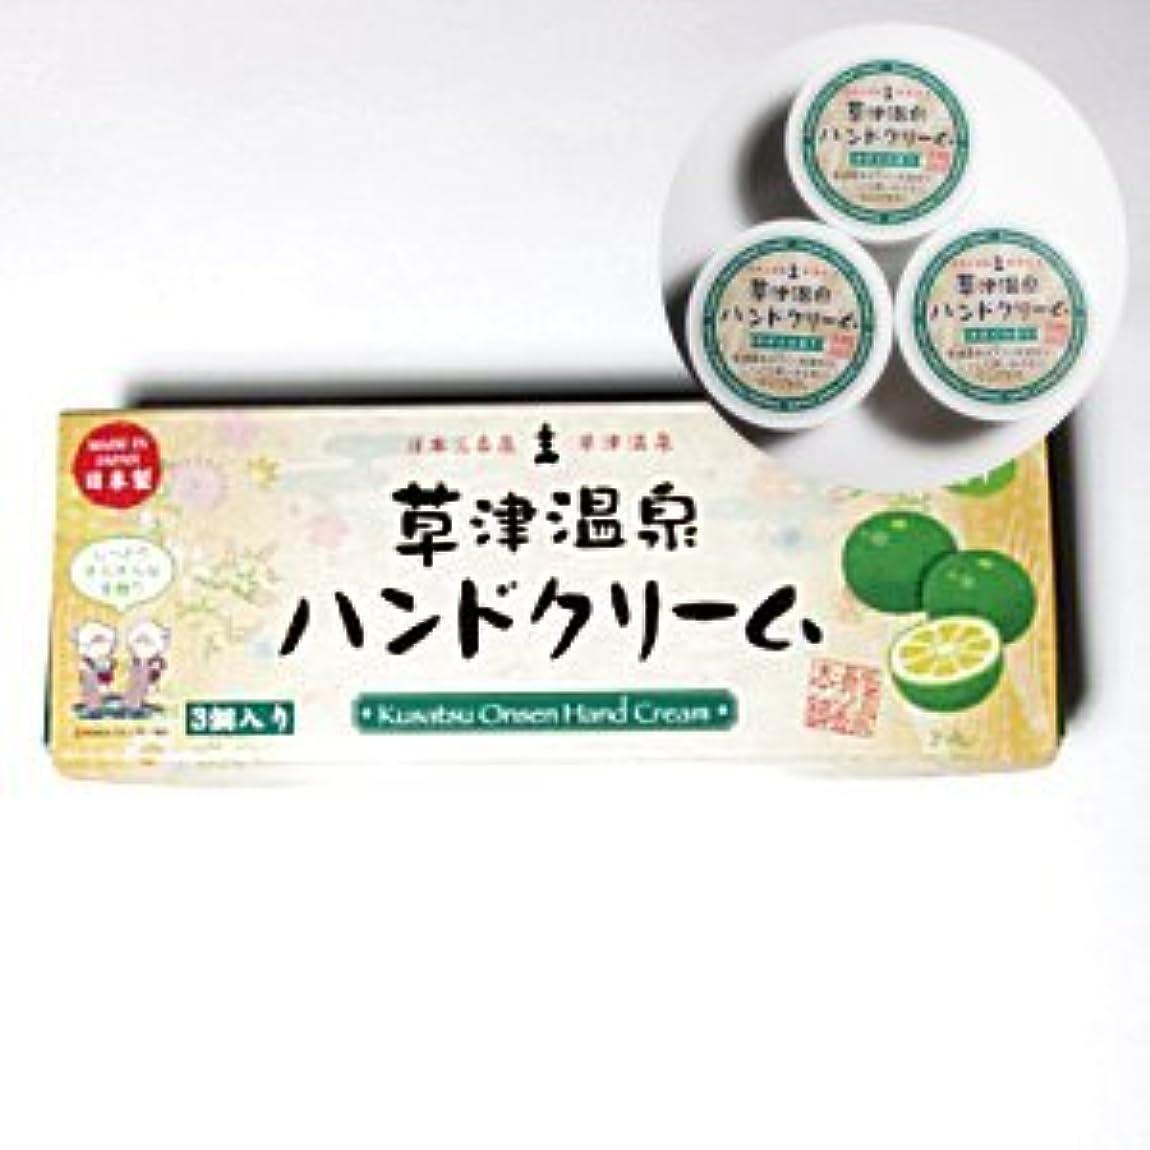 祝福肌寒いれる草津温泉ハンドクリーム カボスの香り 15gx3